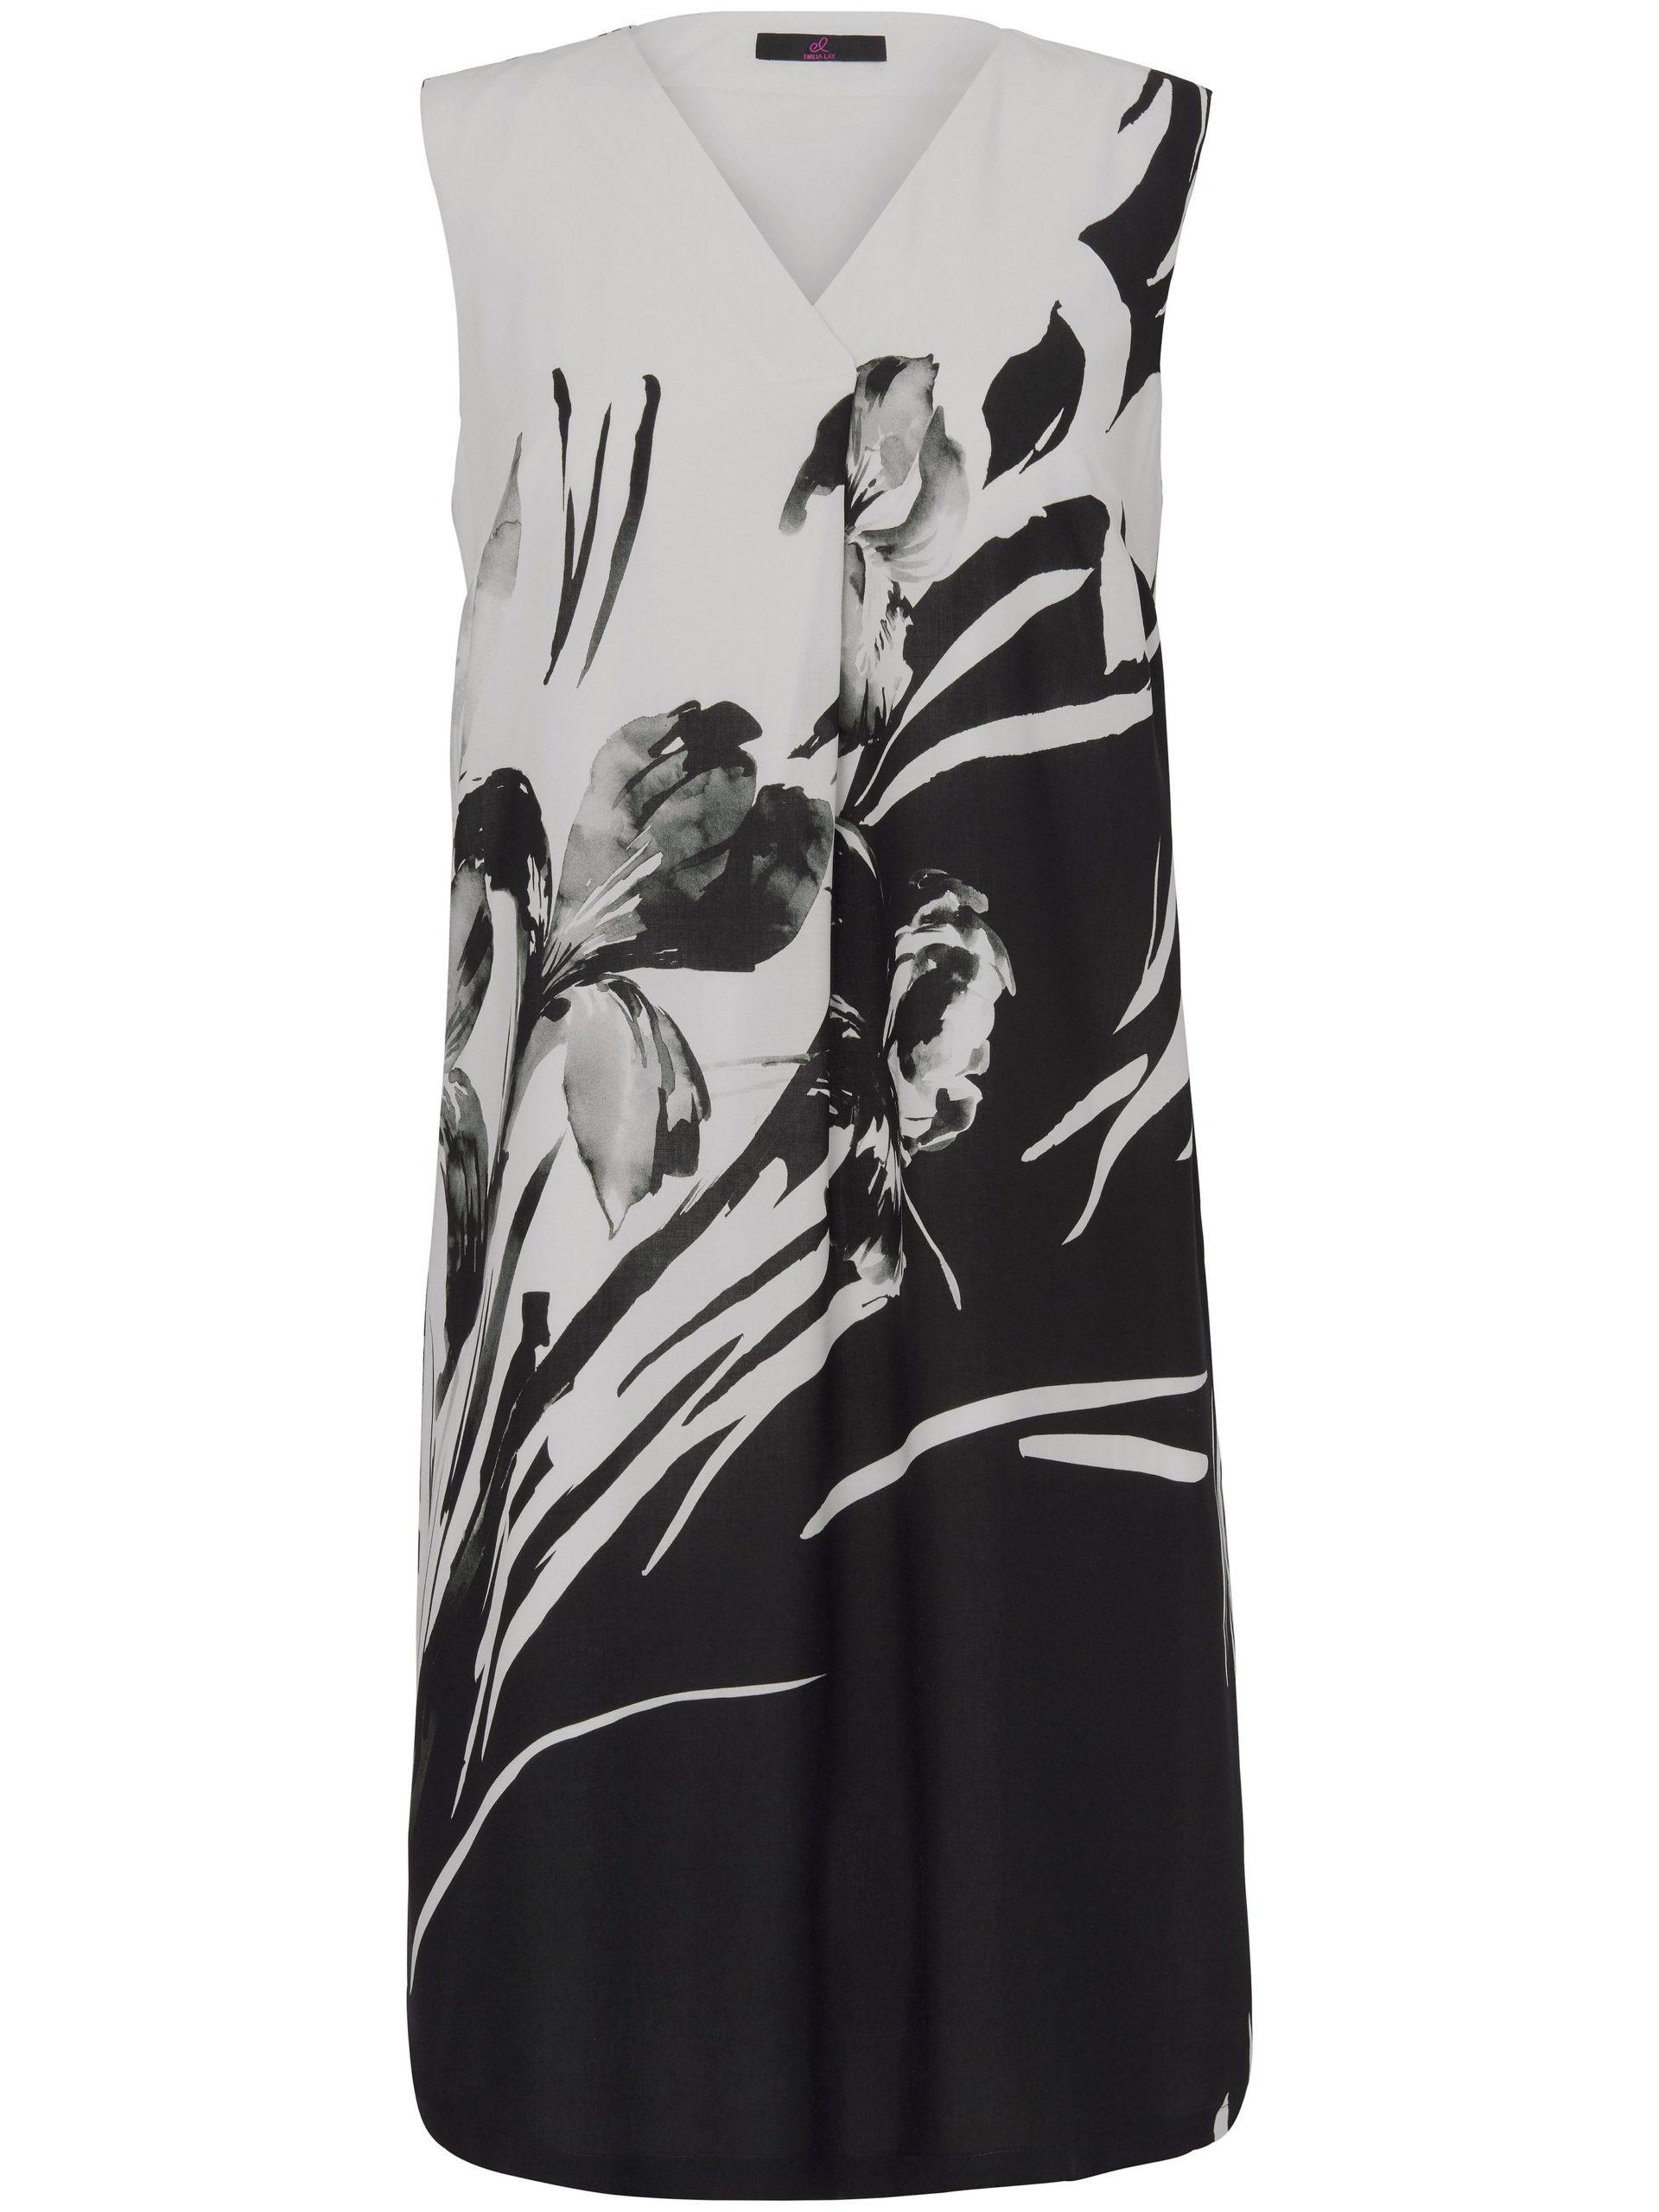 Mouwloze jurk met bloemdessin Van Emilia Lay multicolour Kopen